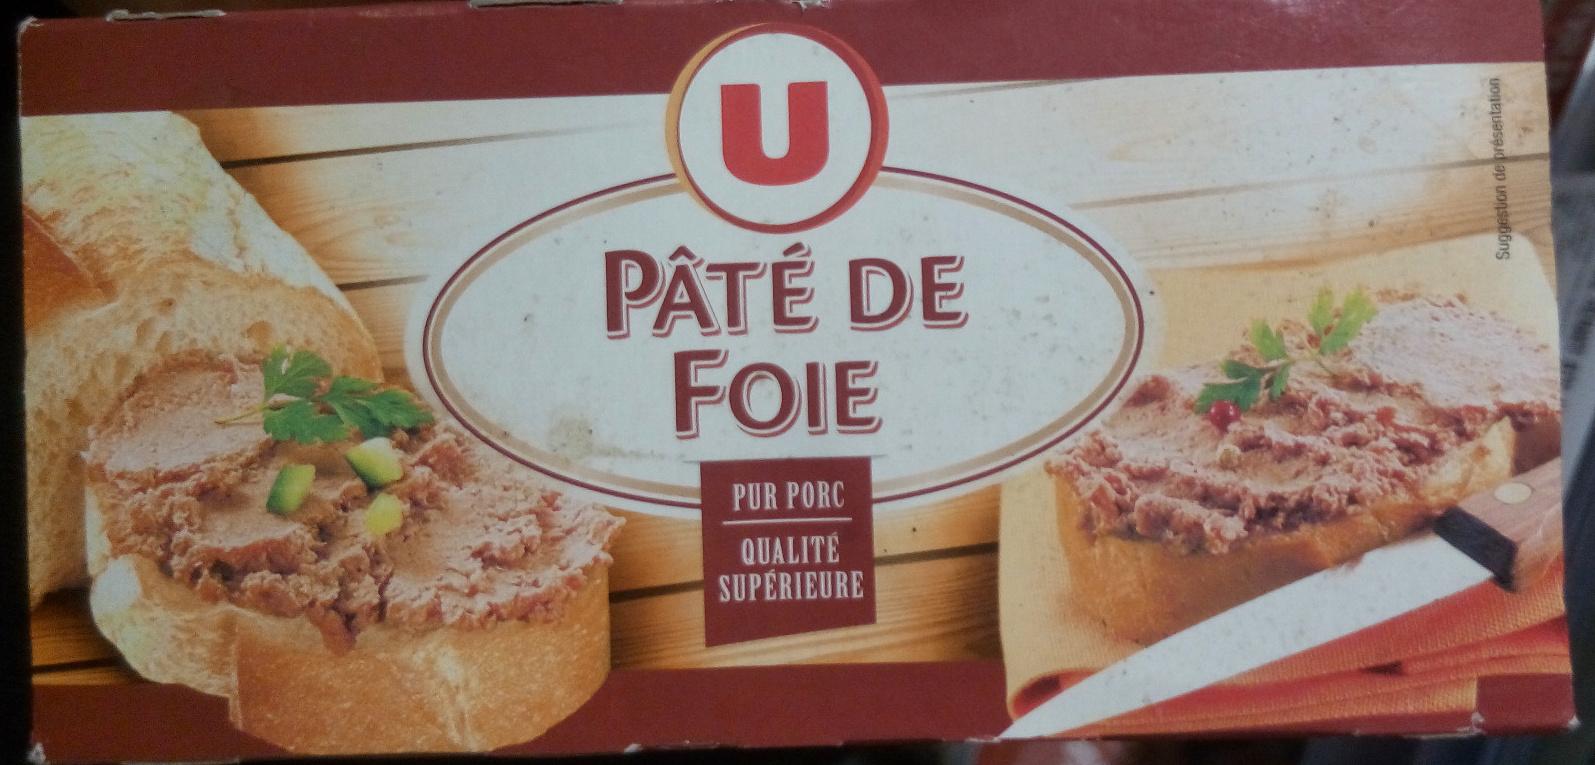 p 226 t 233 de foie pur porc u 320 g 4 x 80 g